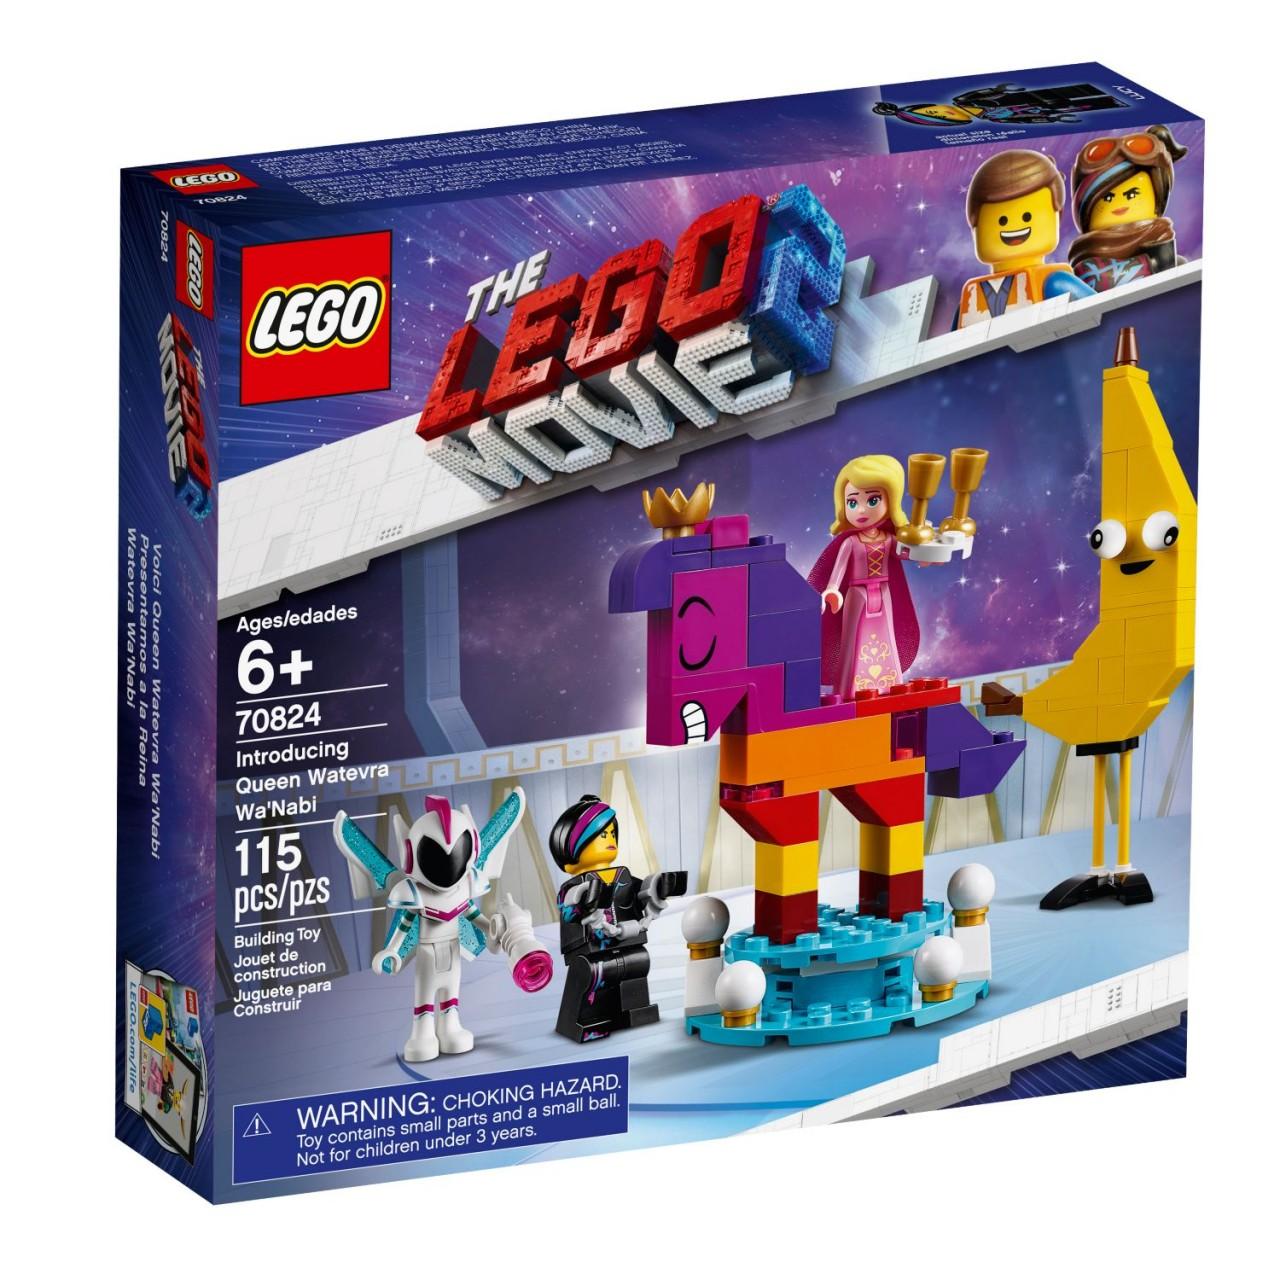 THE LEGO MOVIE 2 70824 Das ist Königin Wasimma Si-Willi